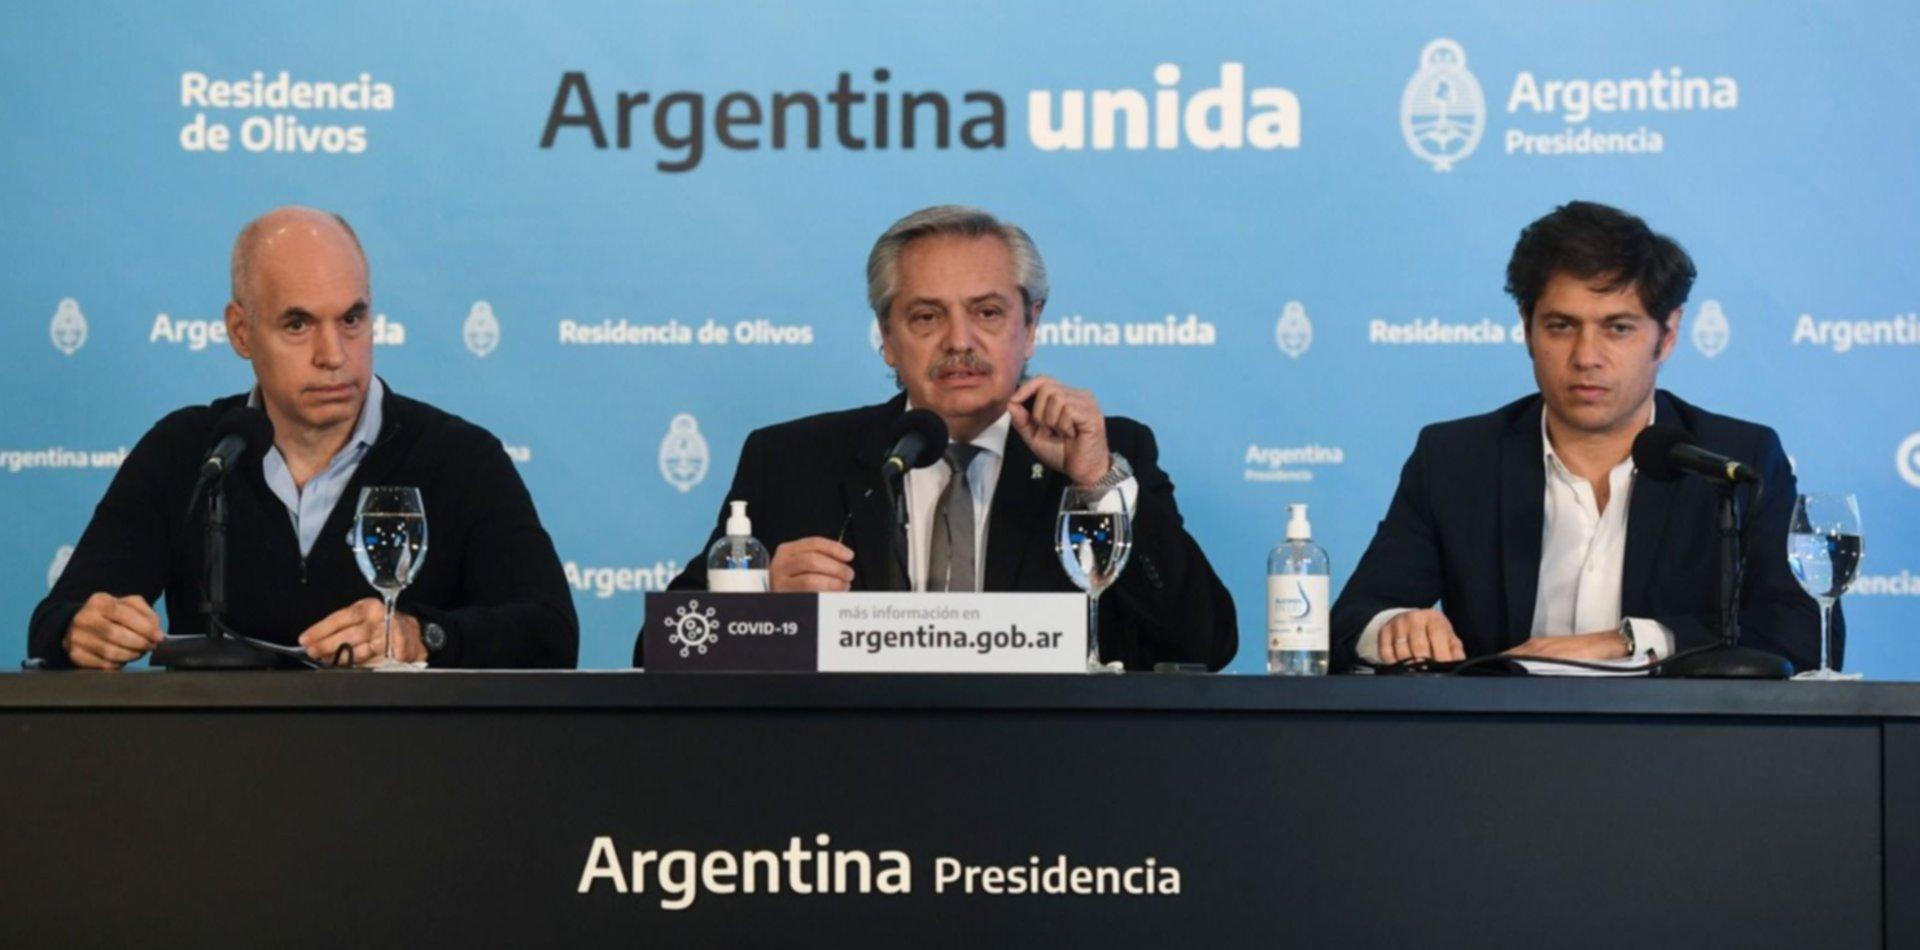 Alberto Fernández extendió la cuarentena y seguirá sin cambios en el AMBA y La Plata